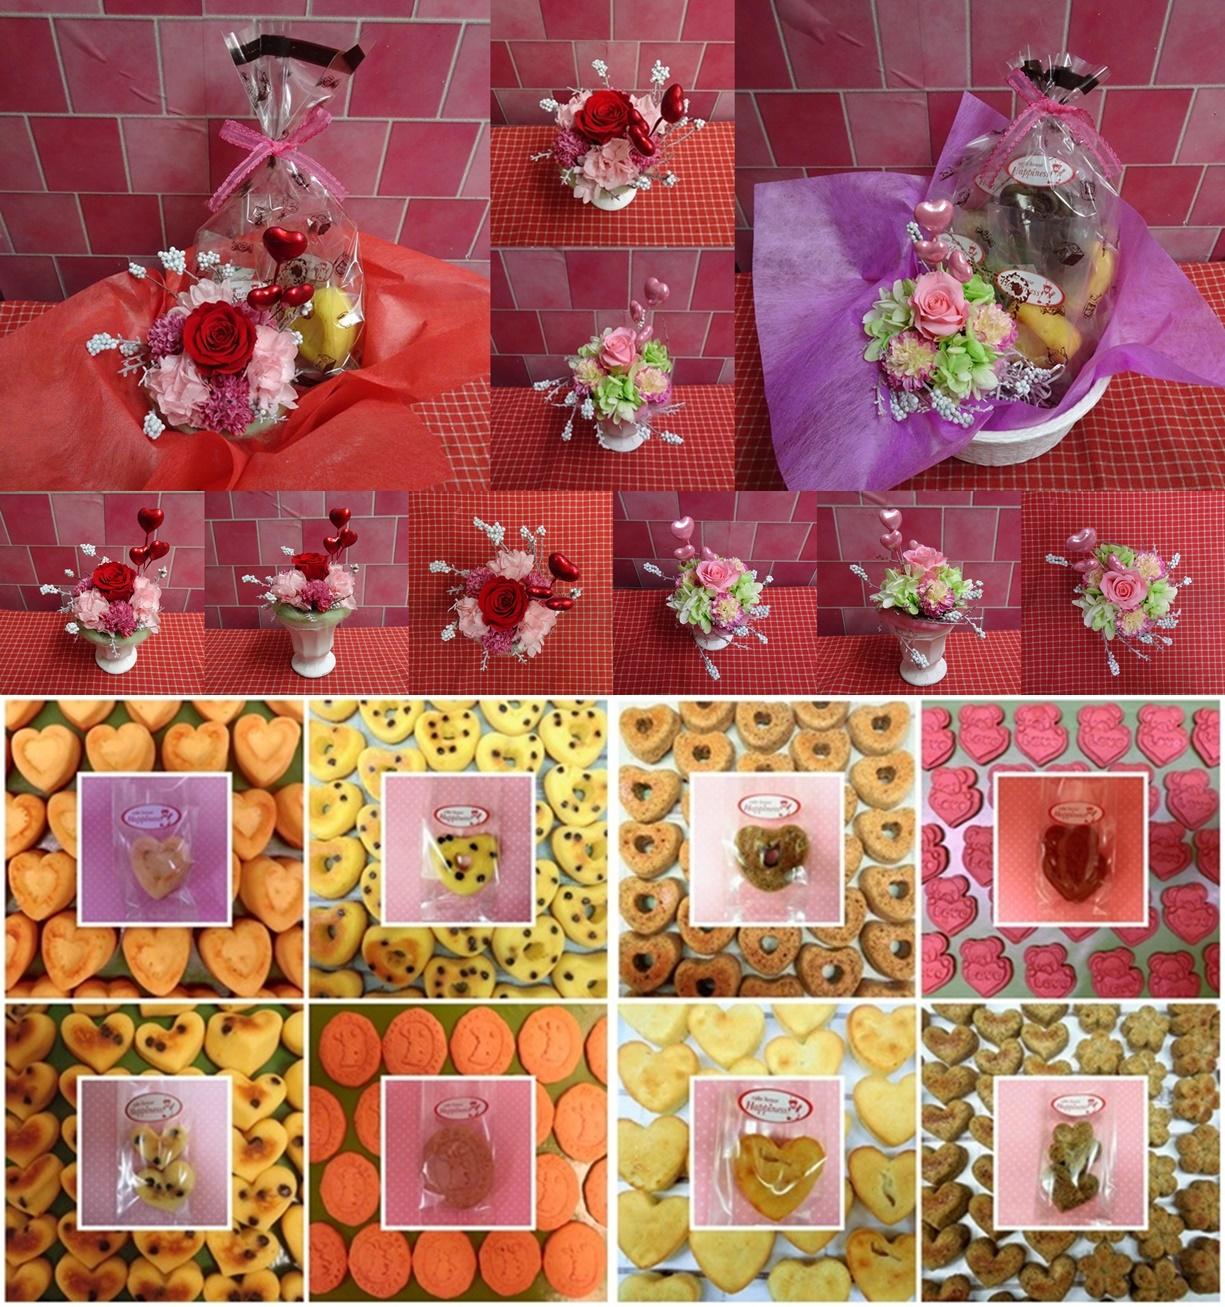 ドライフラワーテイストと薔薇のプリザーブドフラワーアレンジとハートの焼き菓子菓子のギフトセット販売中です♪(*^▽^*)